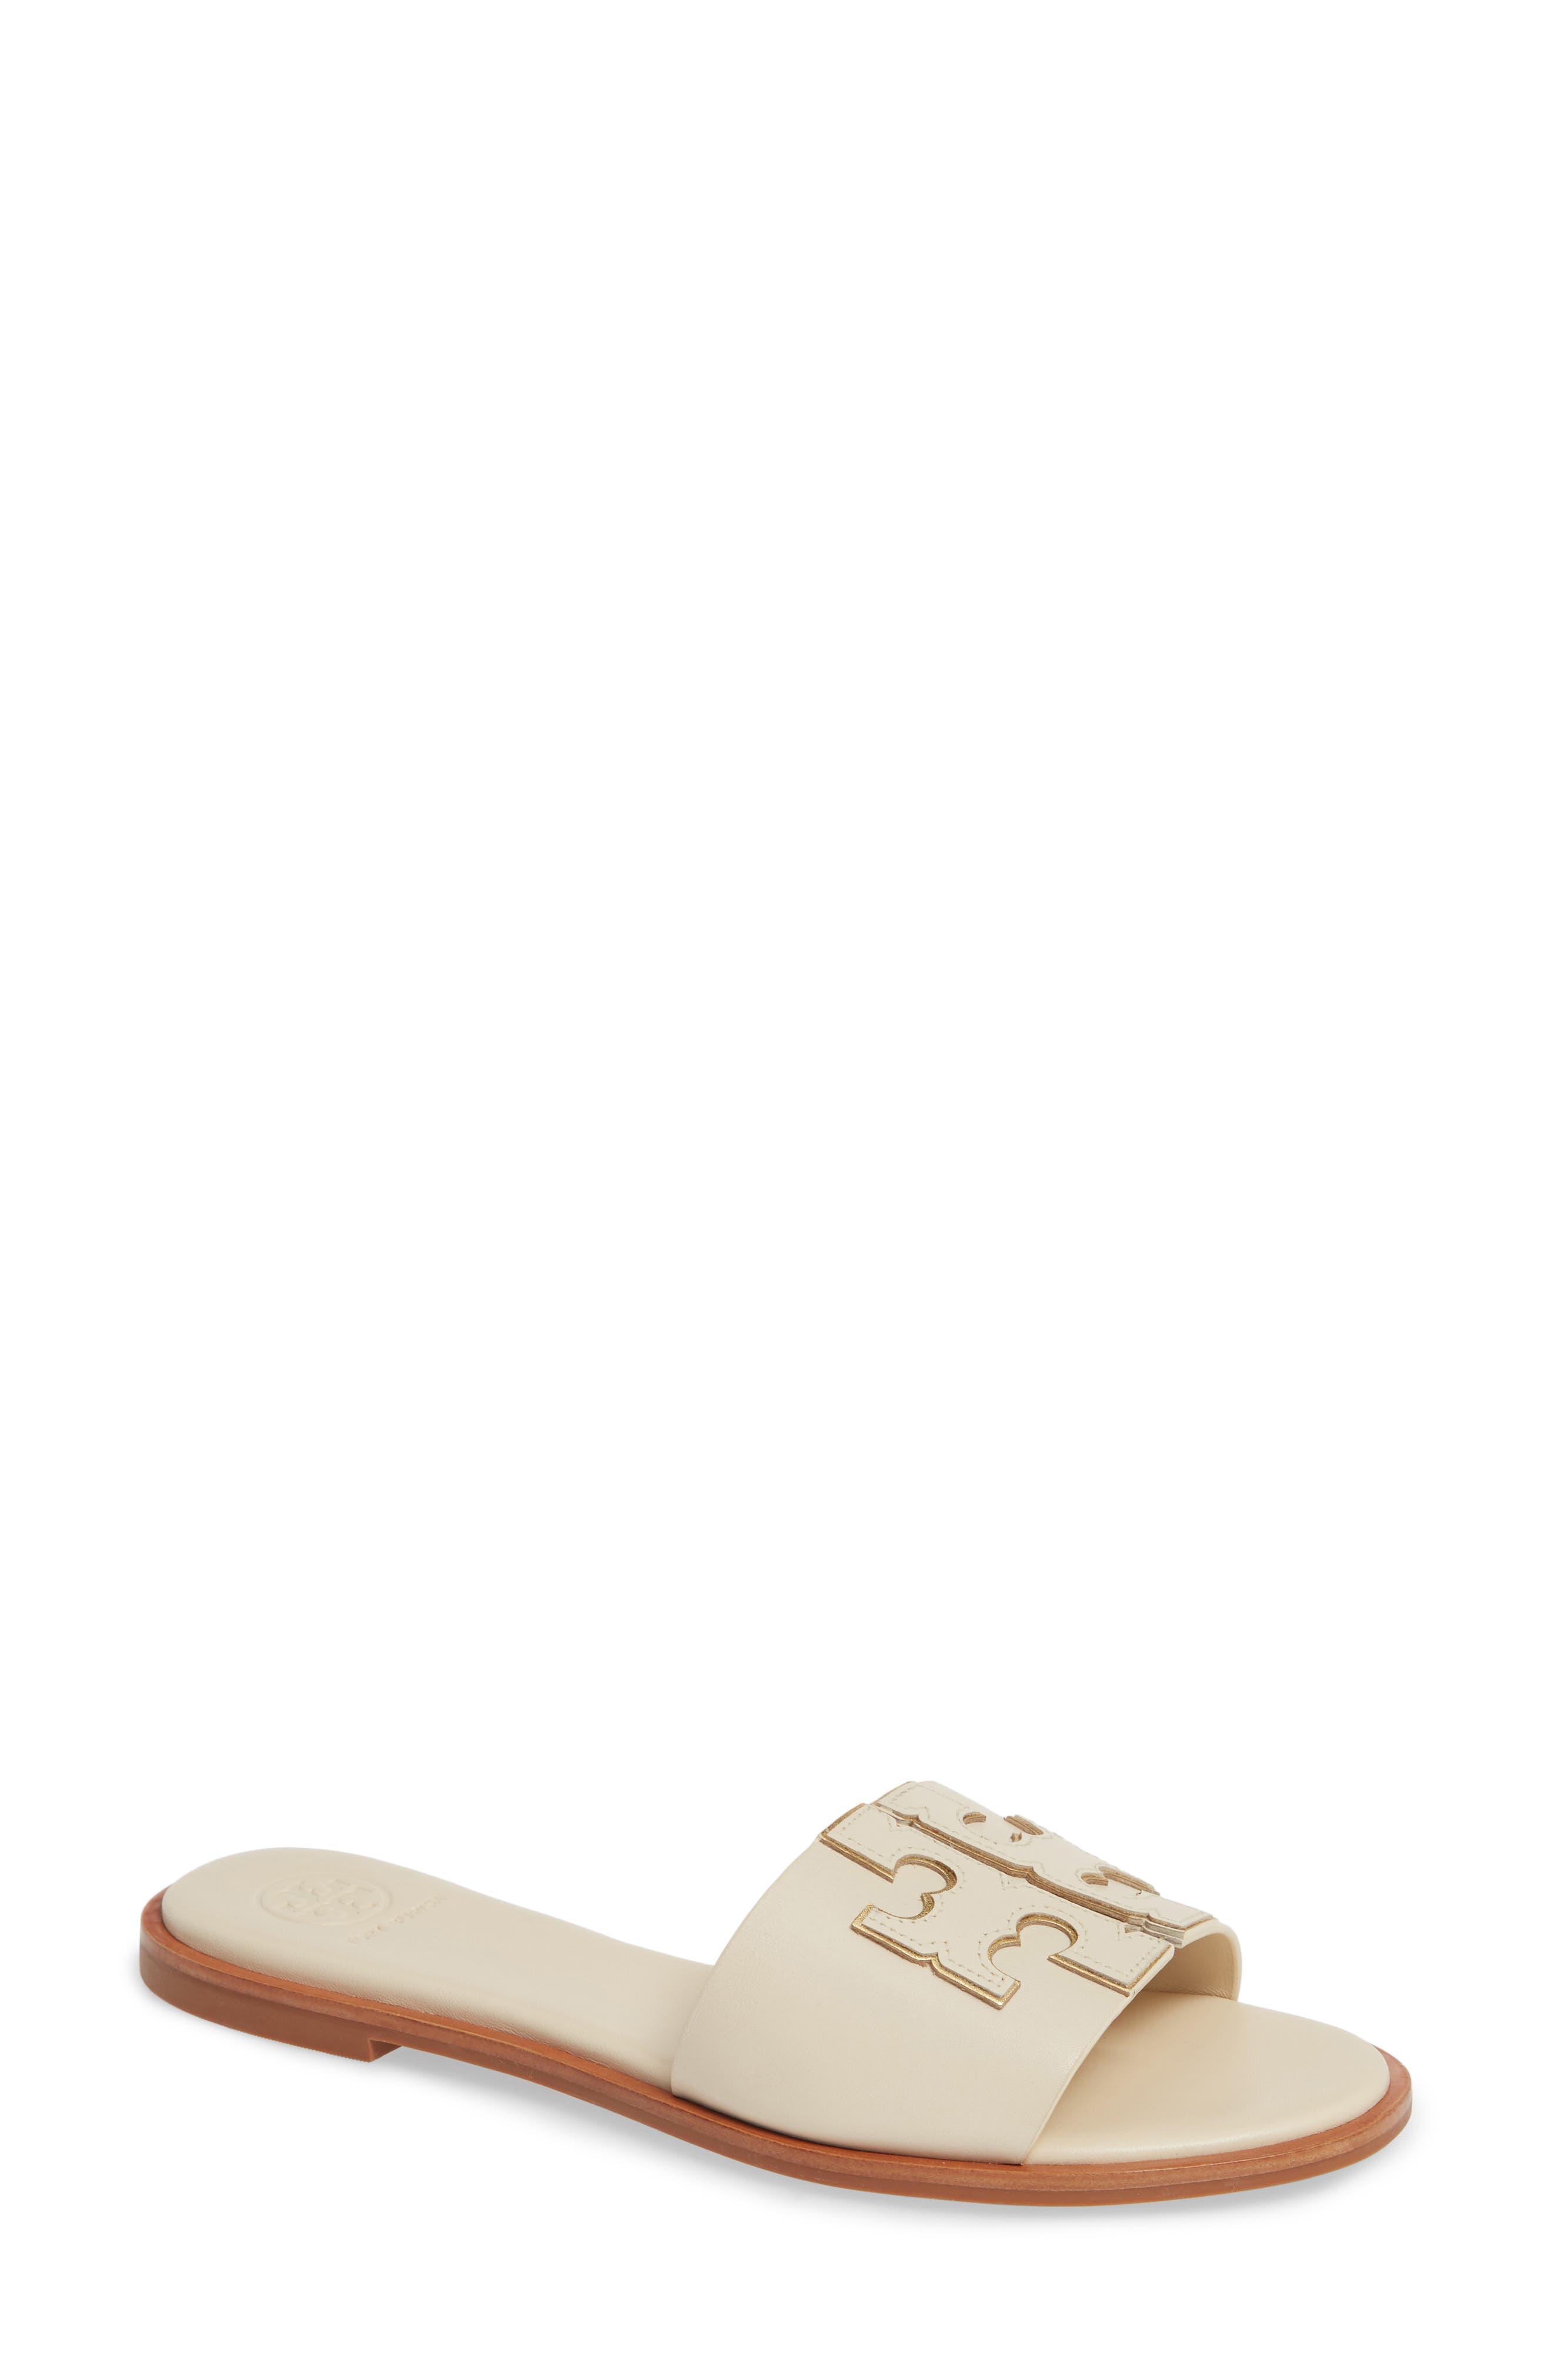 Tory Burch Ines Slide Sandal, White